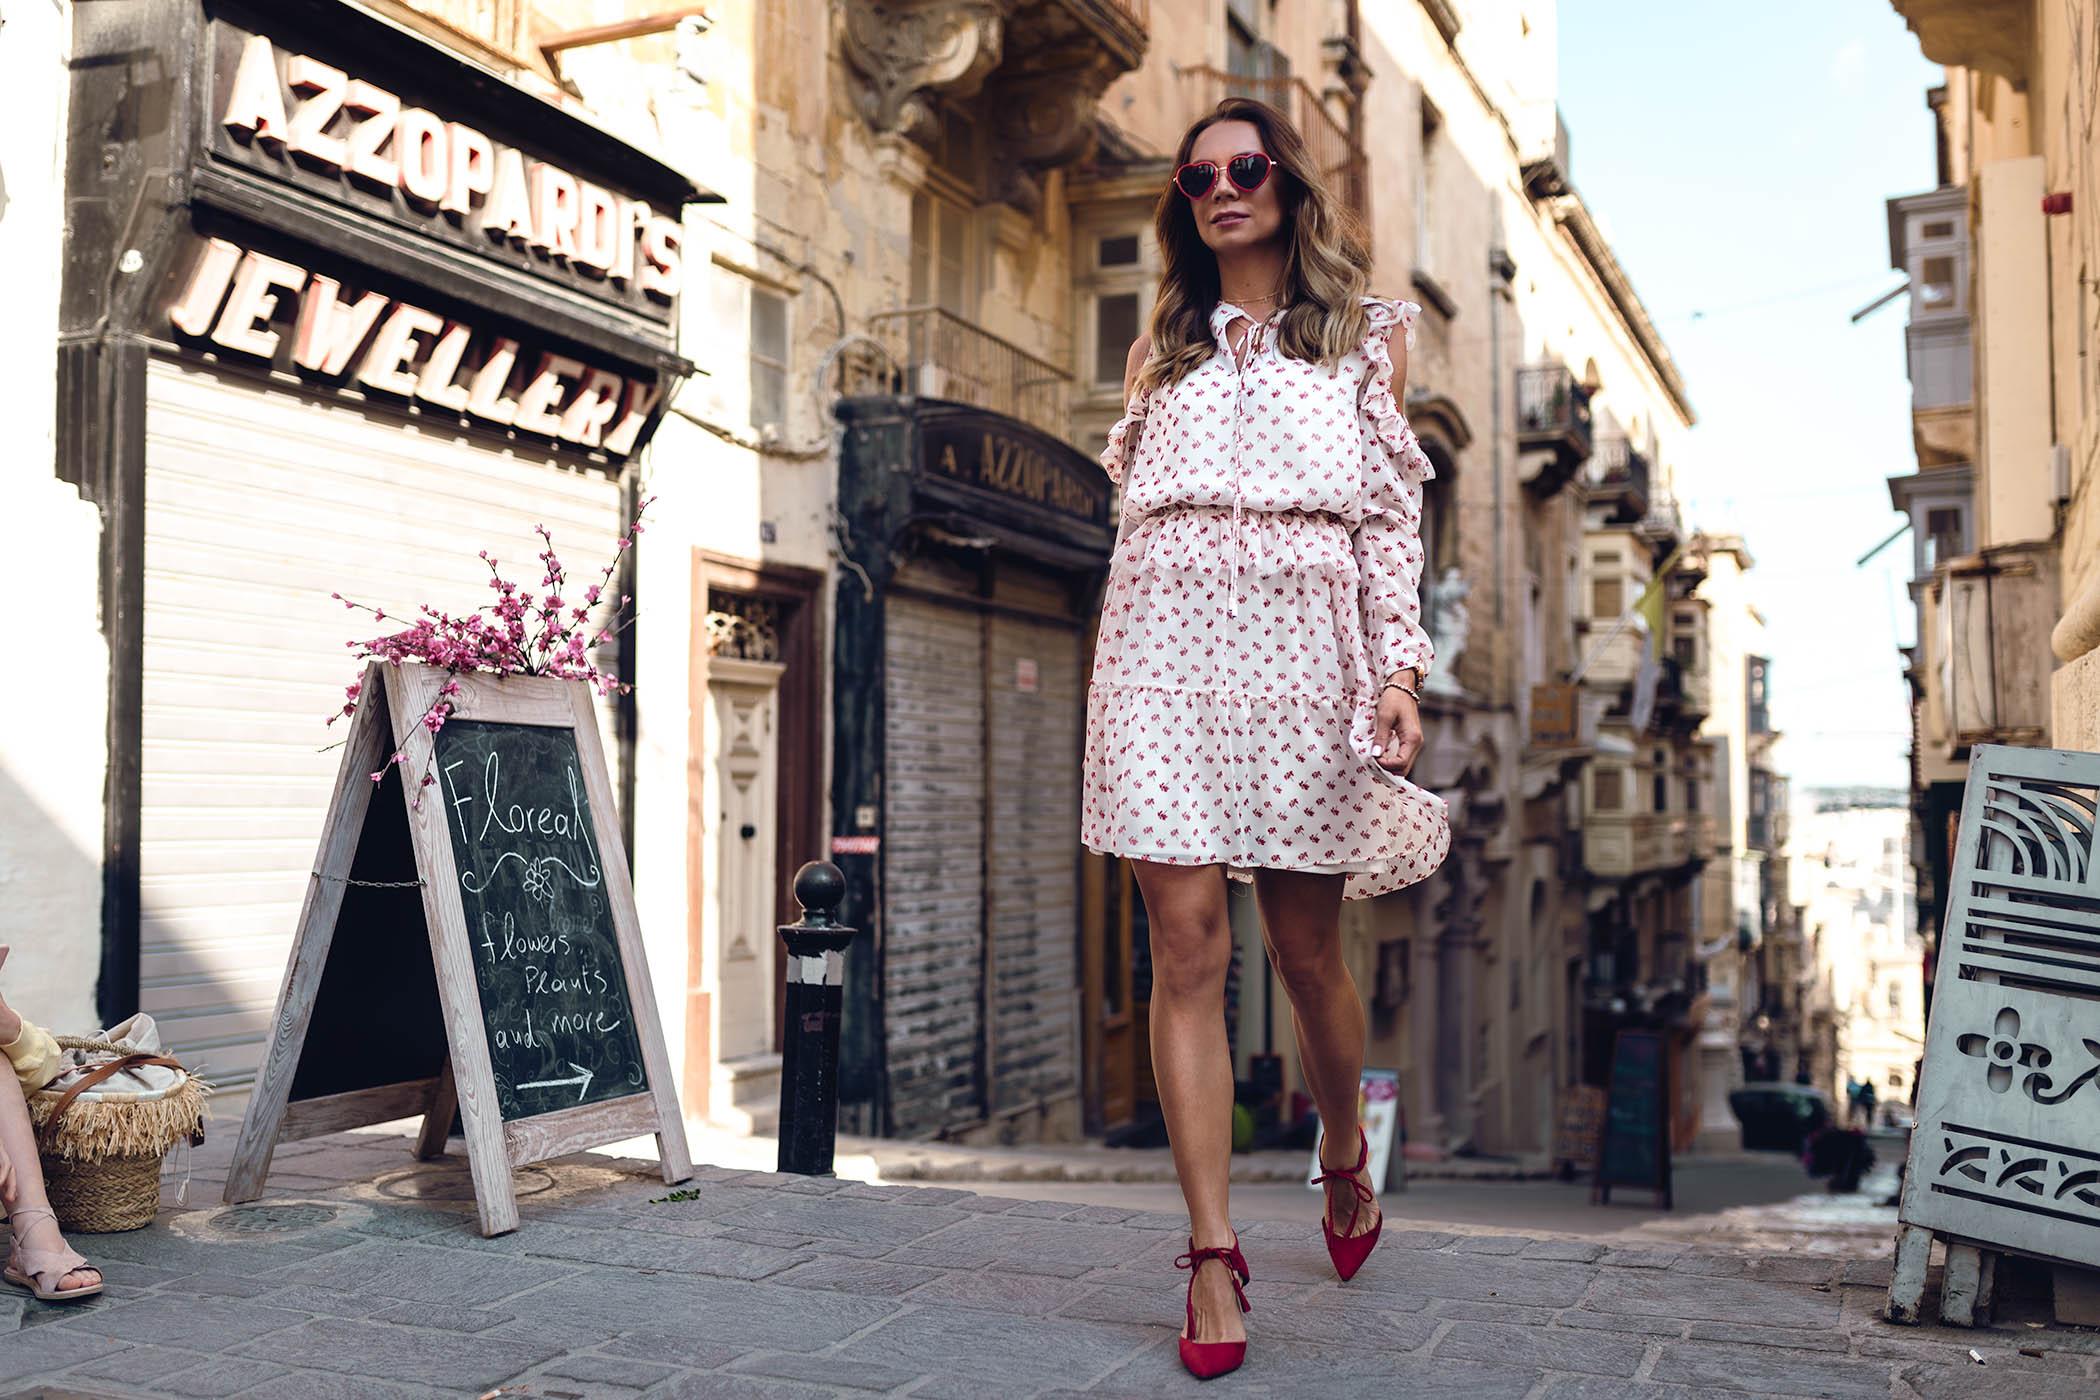 http://www.jo-li.pl/pl/p/Sukienka-z-szyfonu-w-kwiatki-z-falbankami/182, sukienka JO-LI